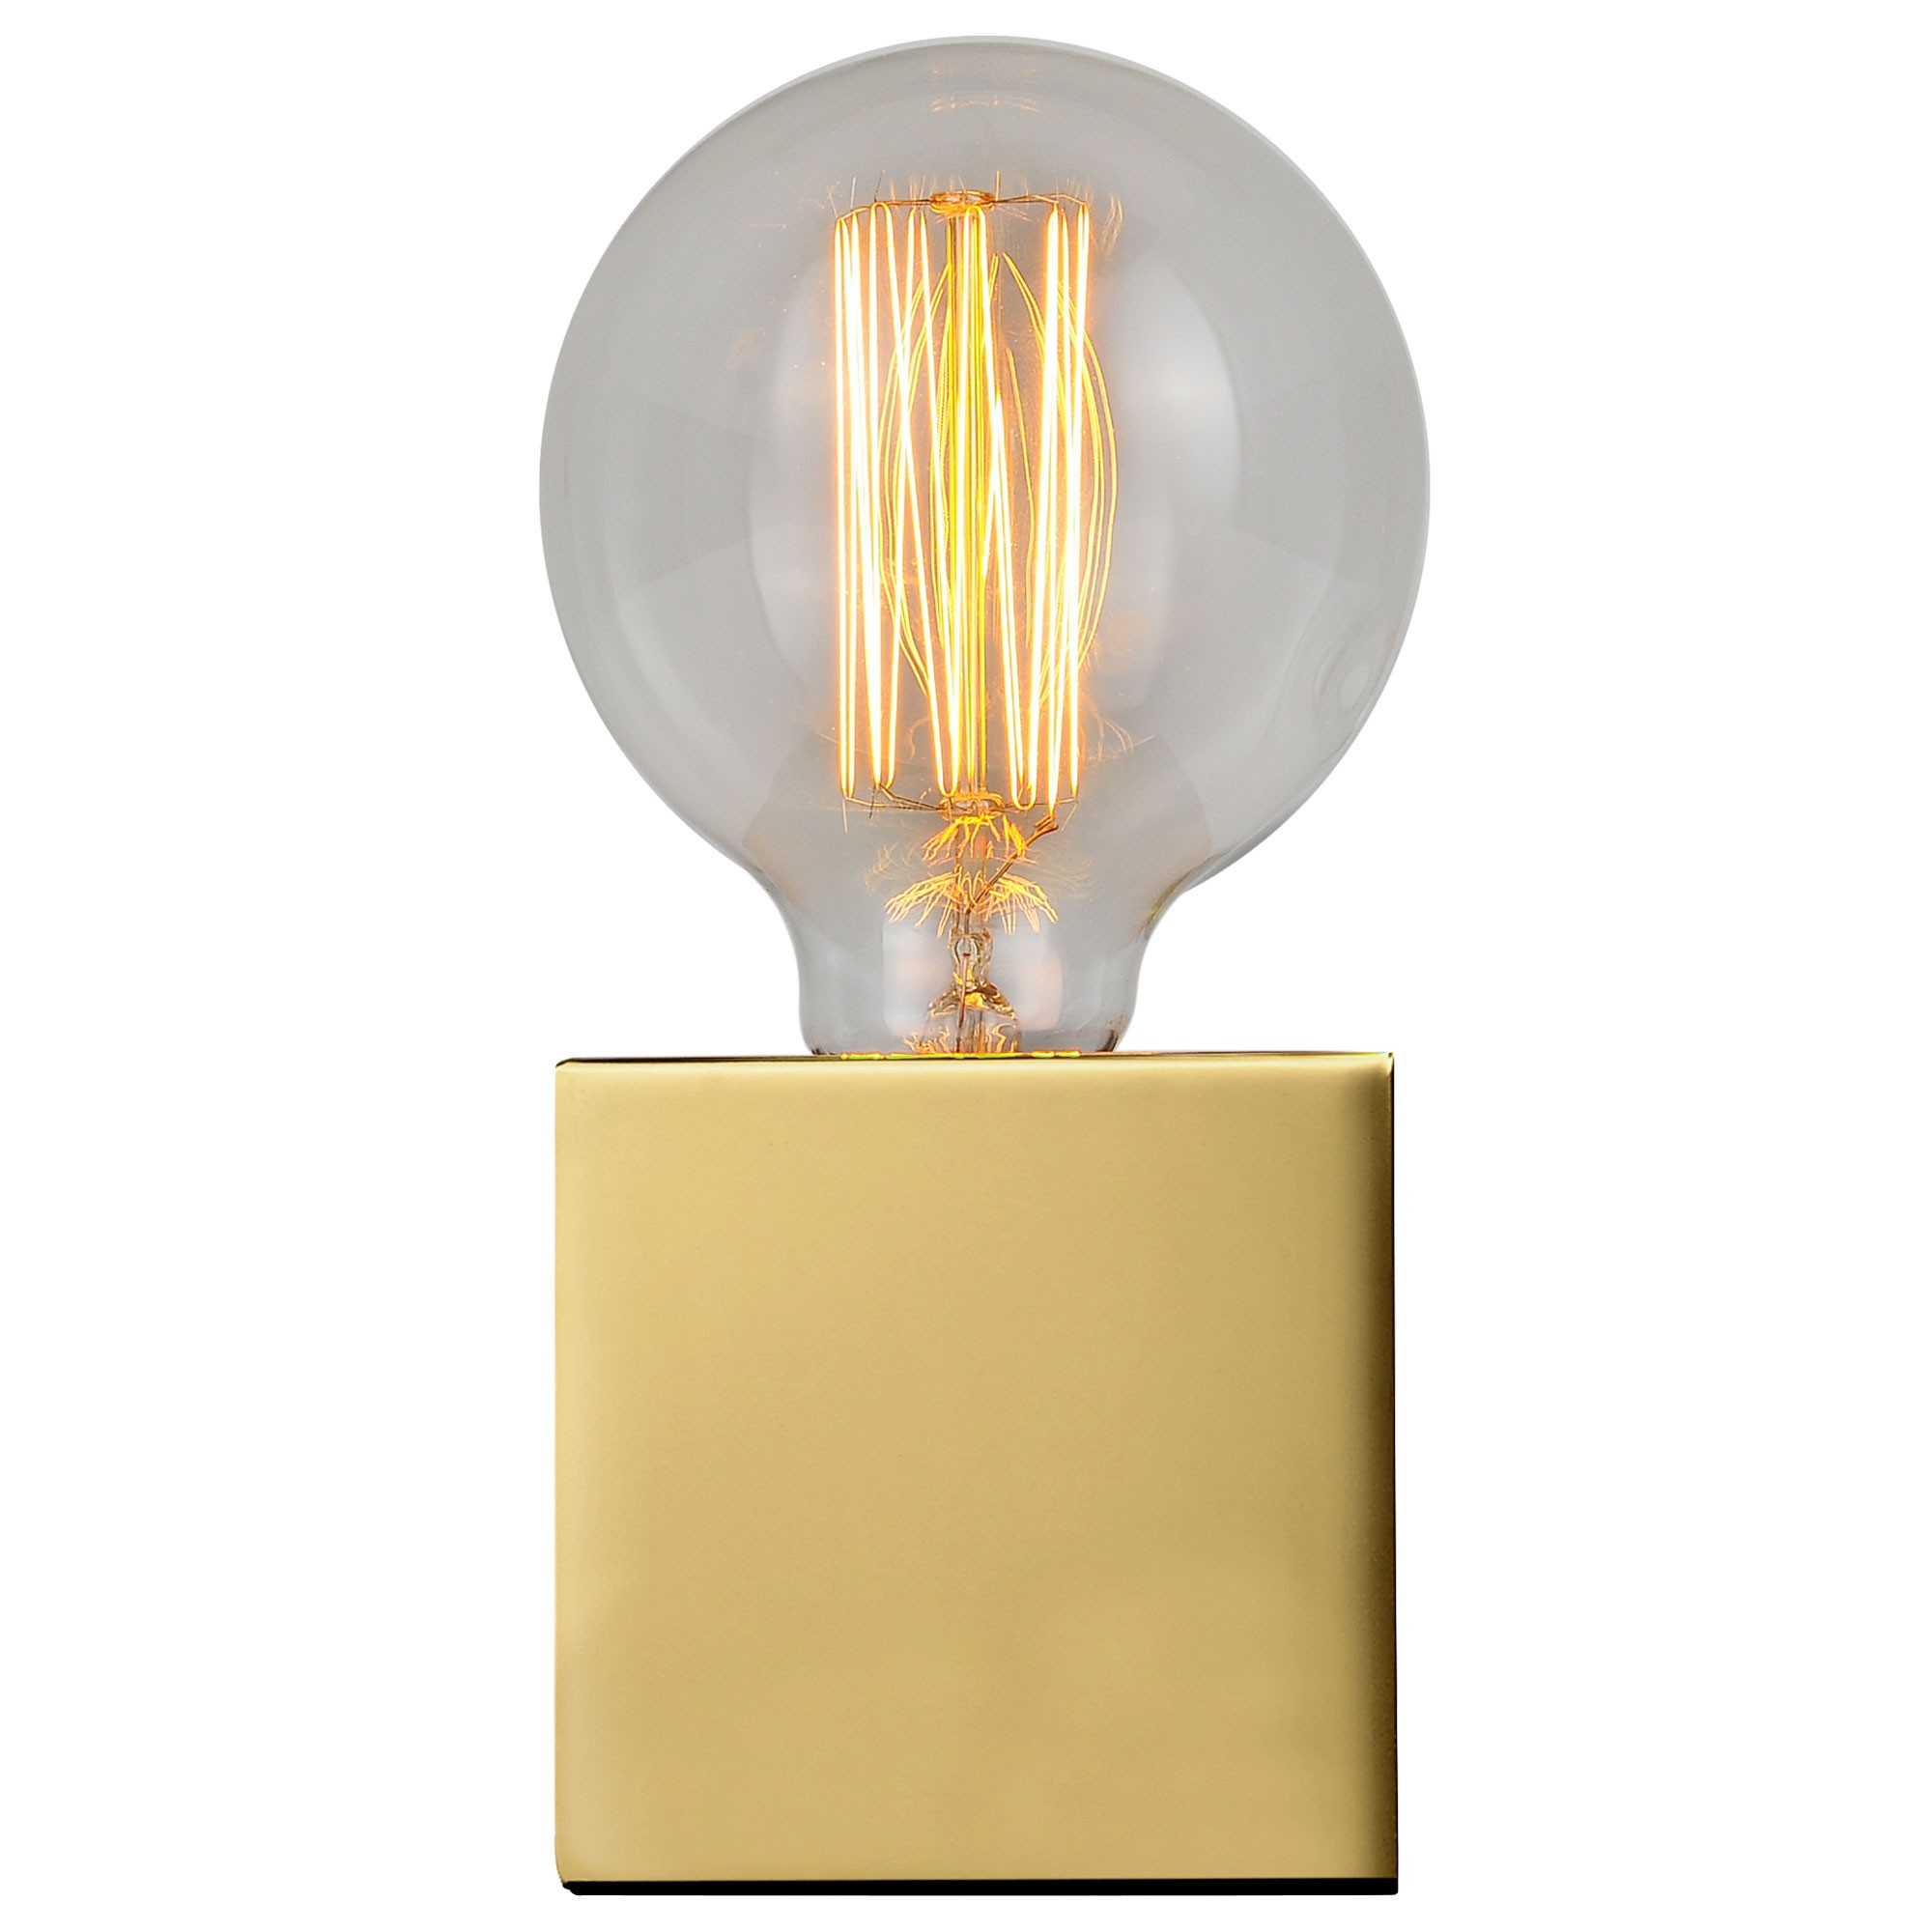 acheter lampe metal laiton carree